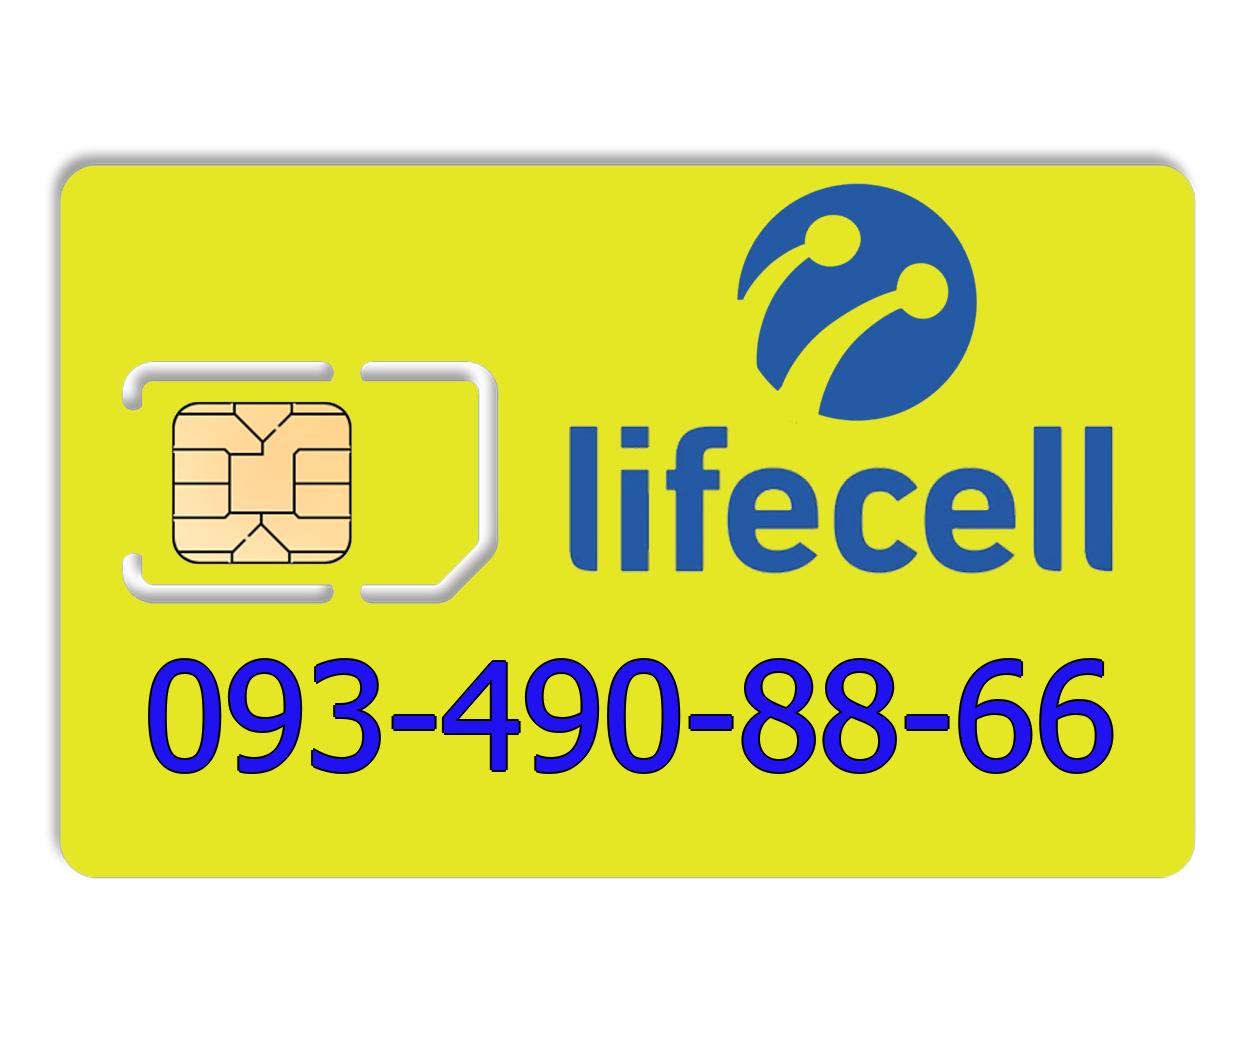 Красивый номер lifecell 093-490-88-66